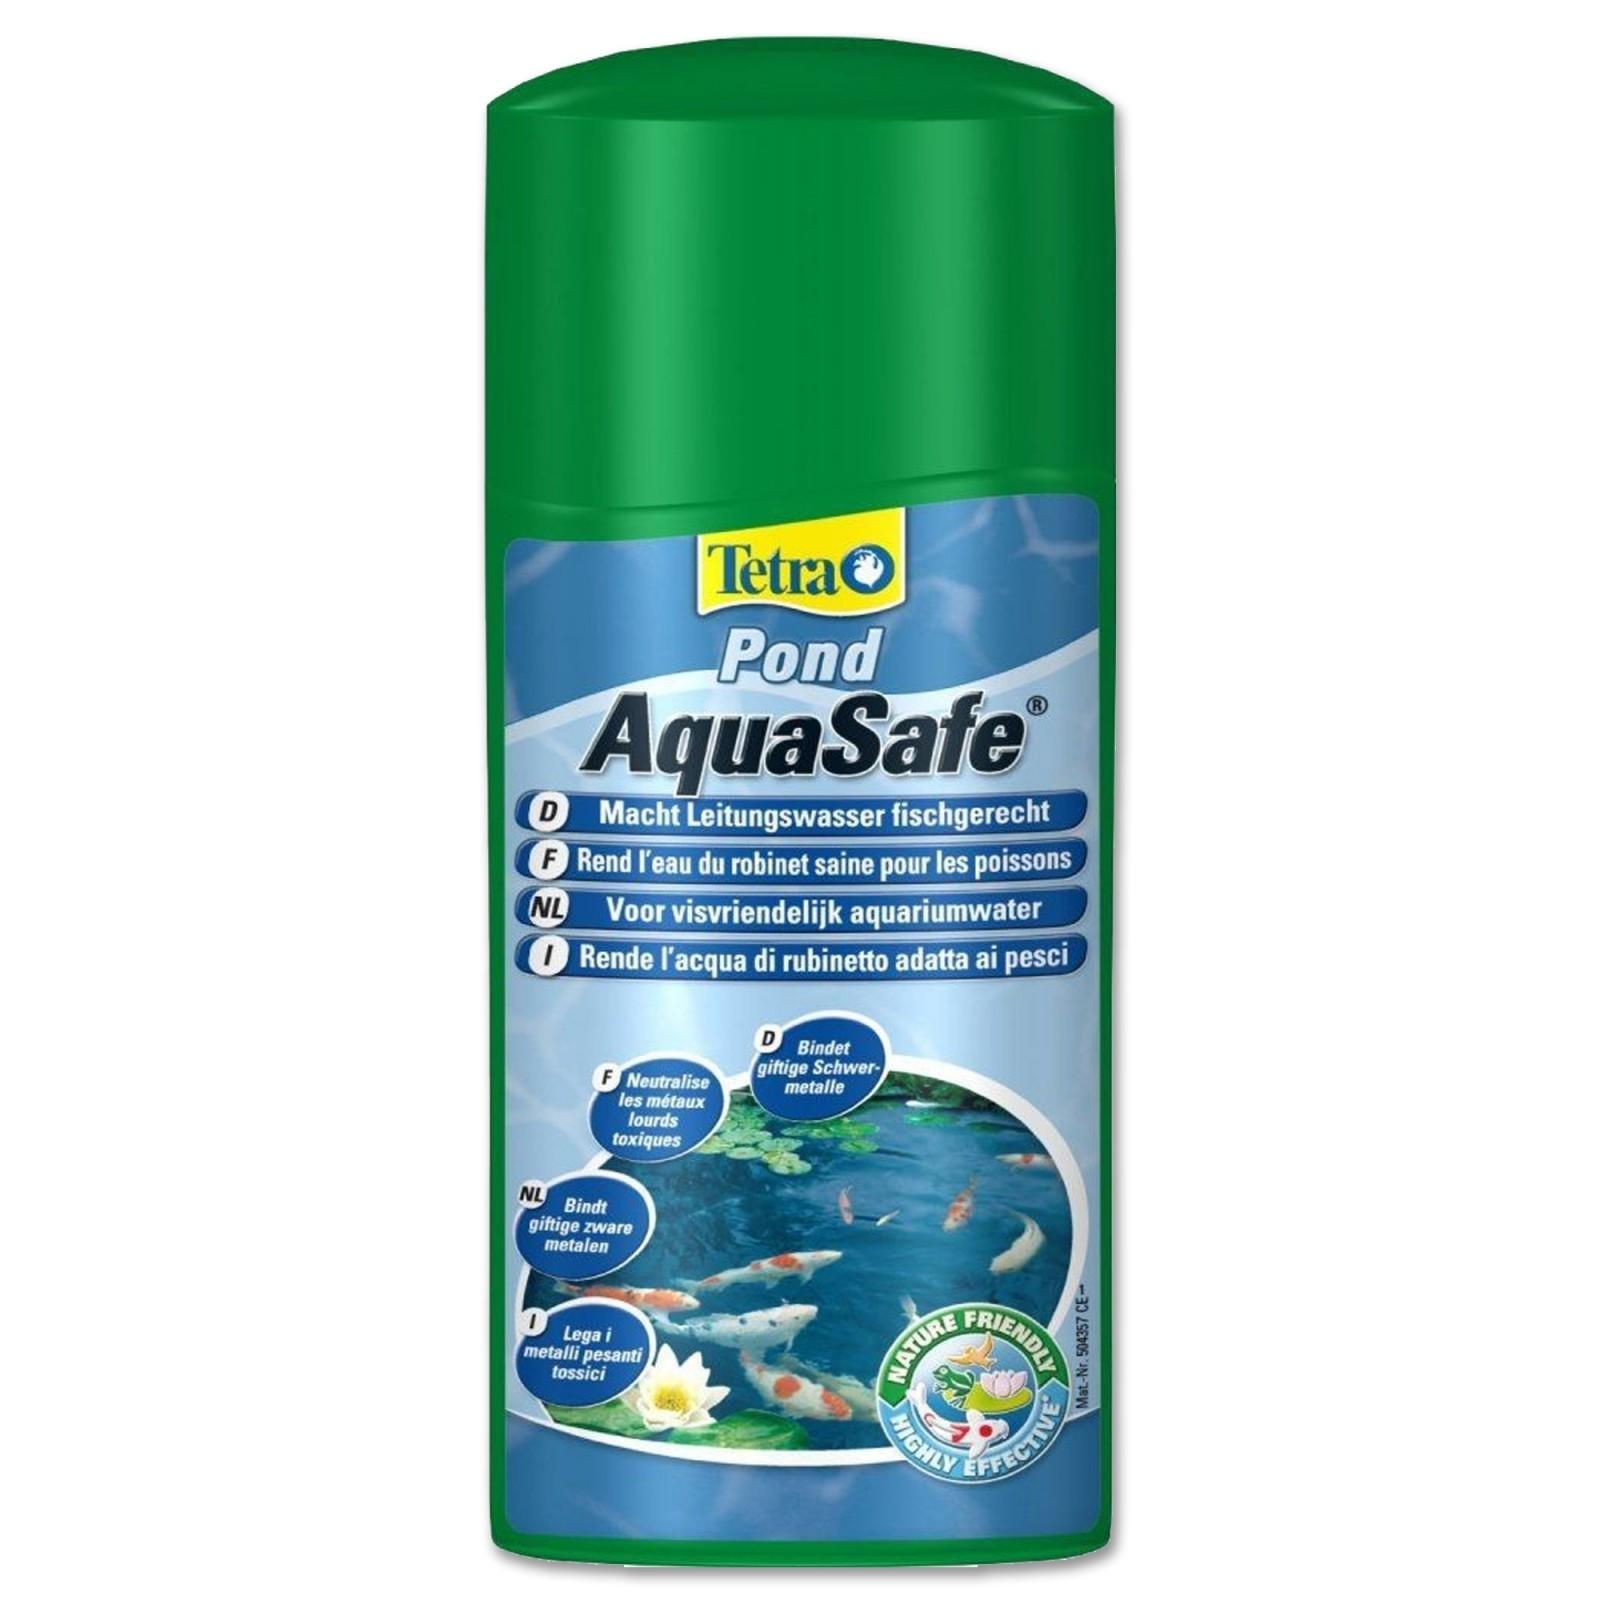 Tetra Pond AquaSafe 250 ml Biocondizionatore per laghetti elimina metalli pesanti cloro zinco e piombo